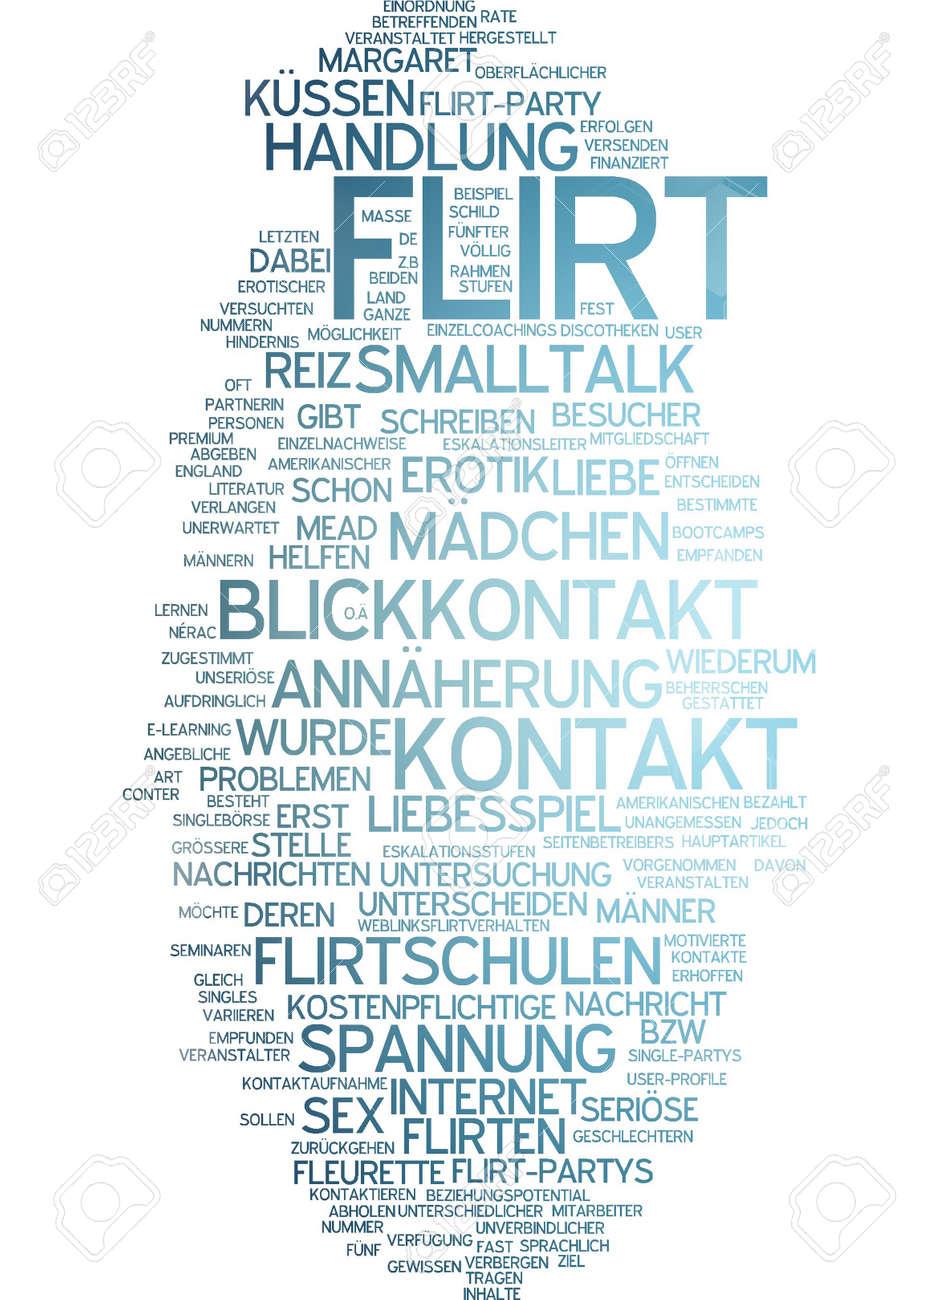 flirt kontakte